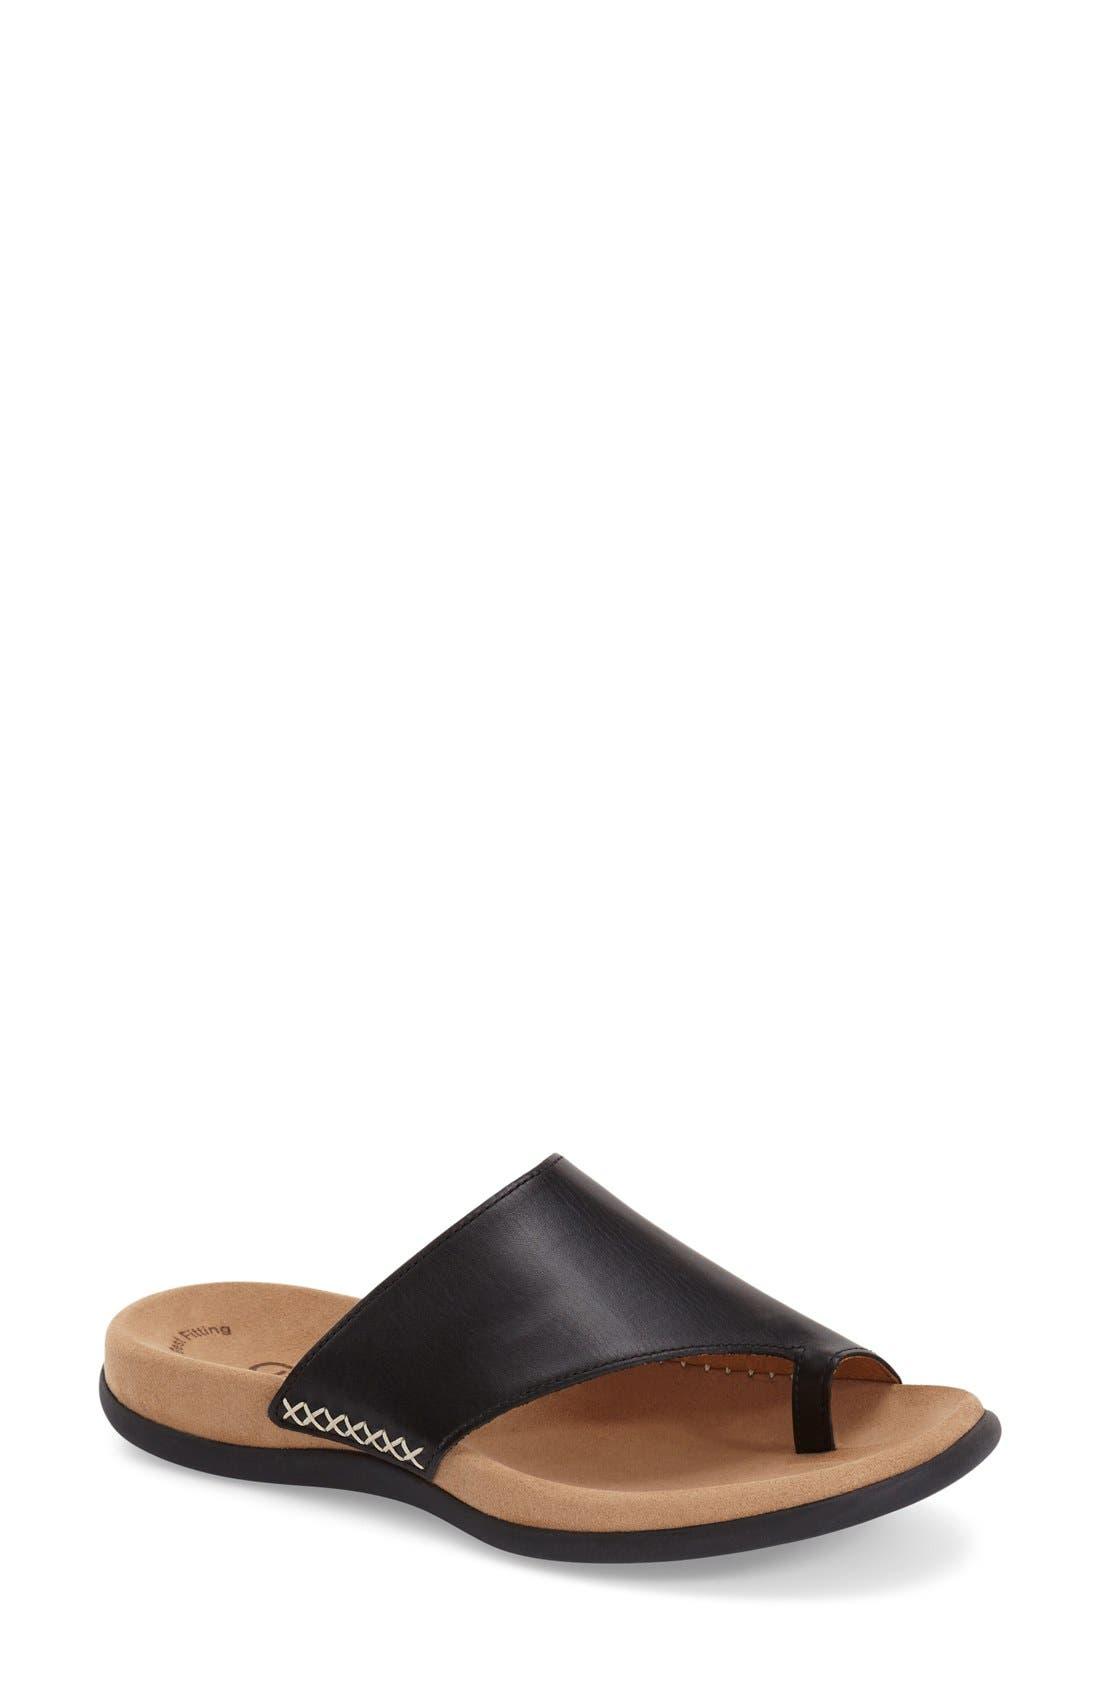 Women's Gabor Sandals and Flip-Flops